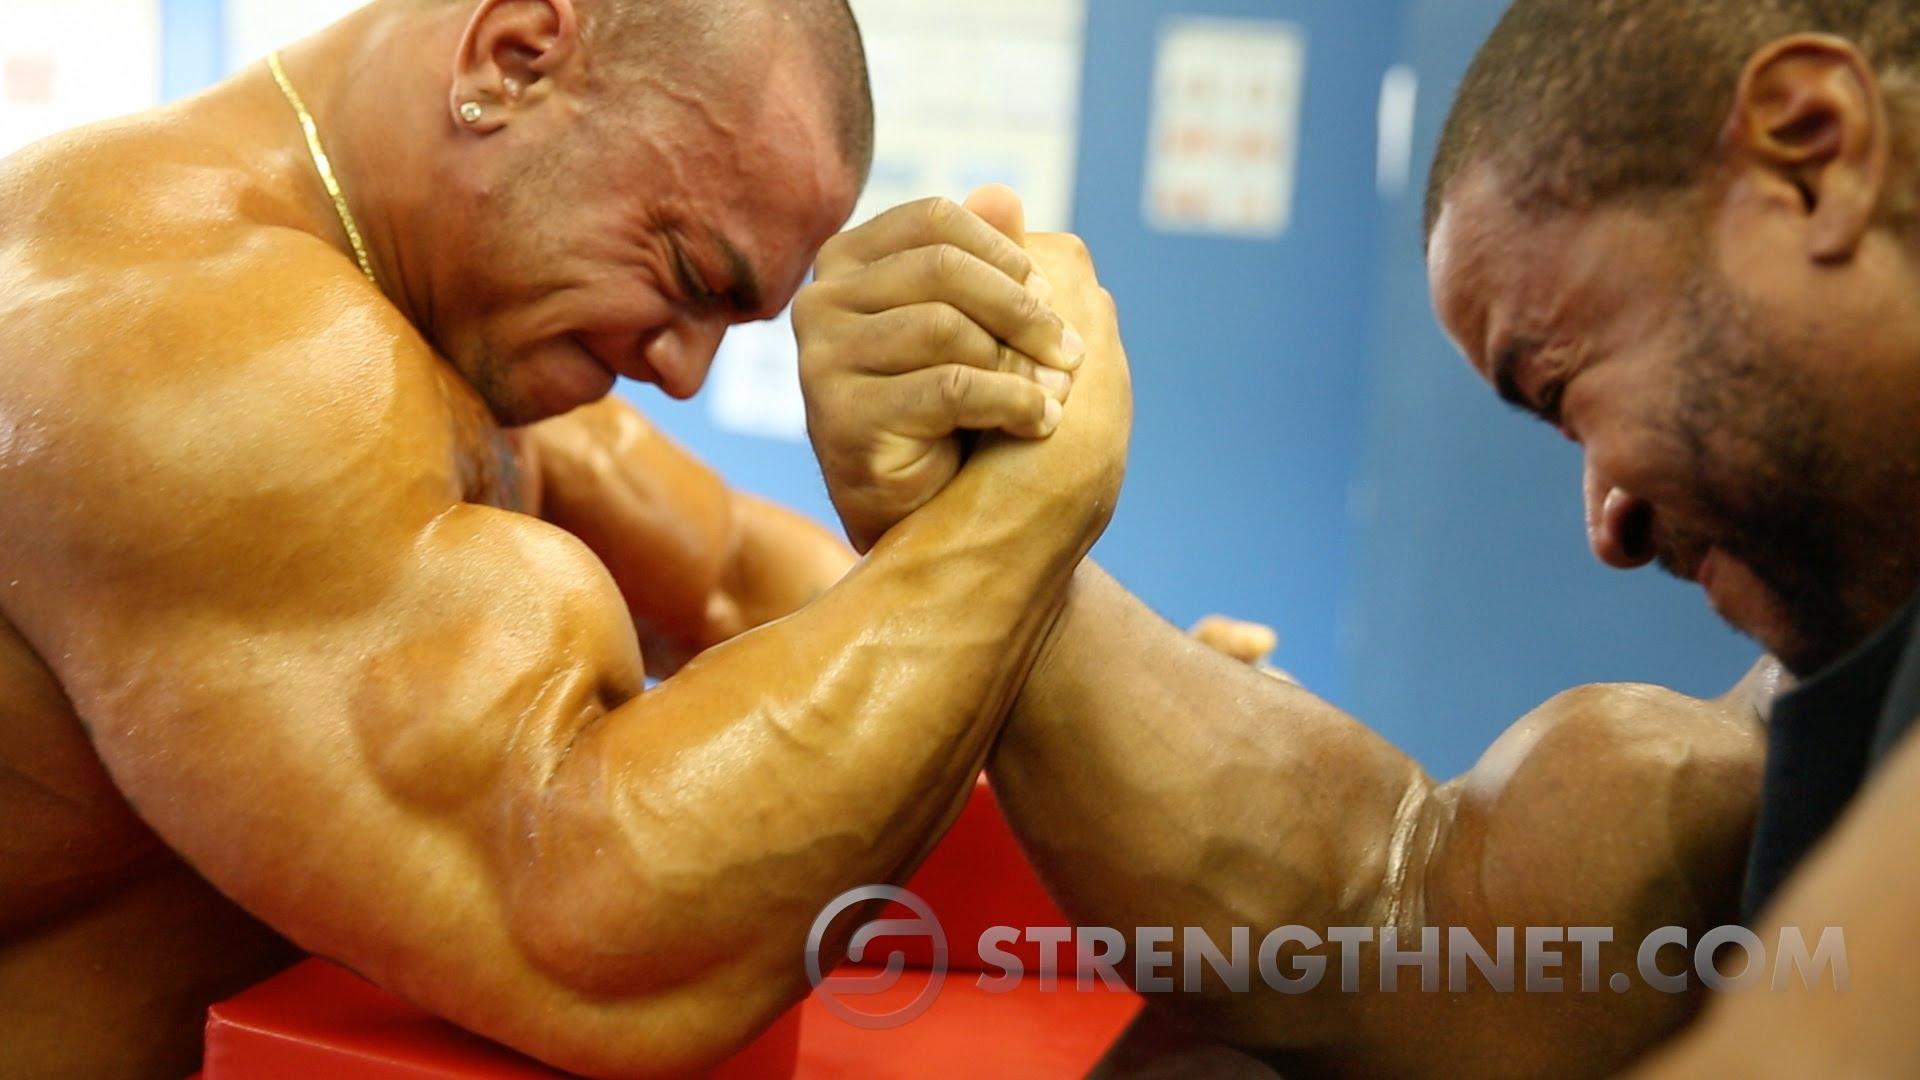 Arm Wrestling: Anthoneil vs Tristen - YouTube